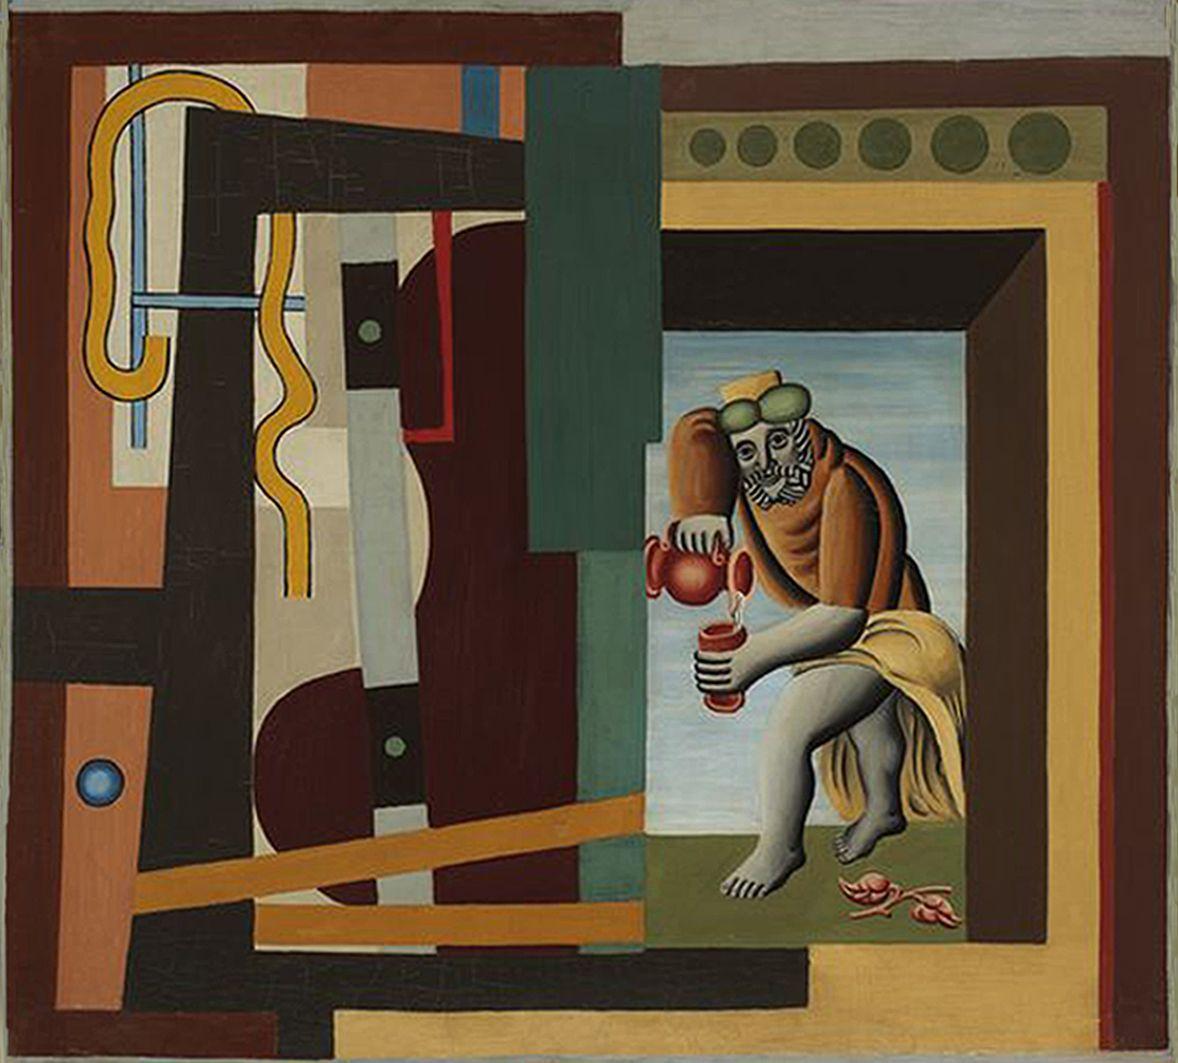 Генріх Штренг (Марк Влодарський). Наливає вино, 1927. Холст, масло, NMW